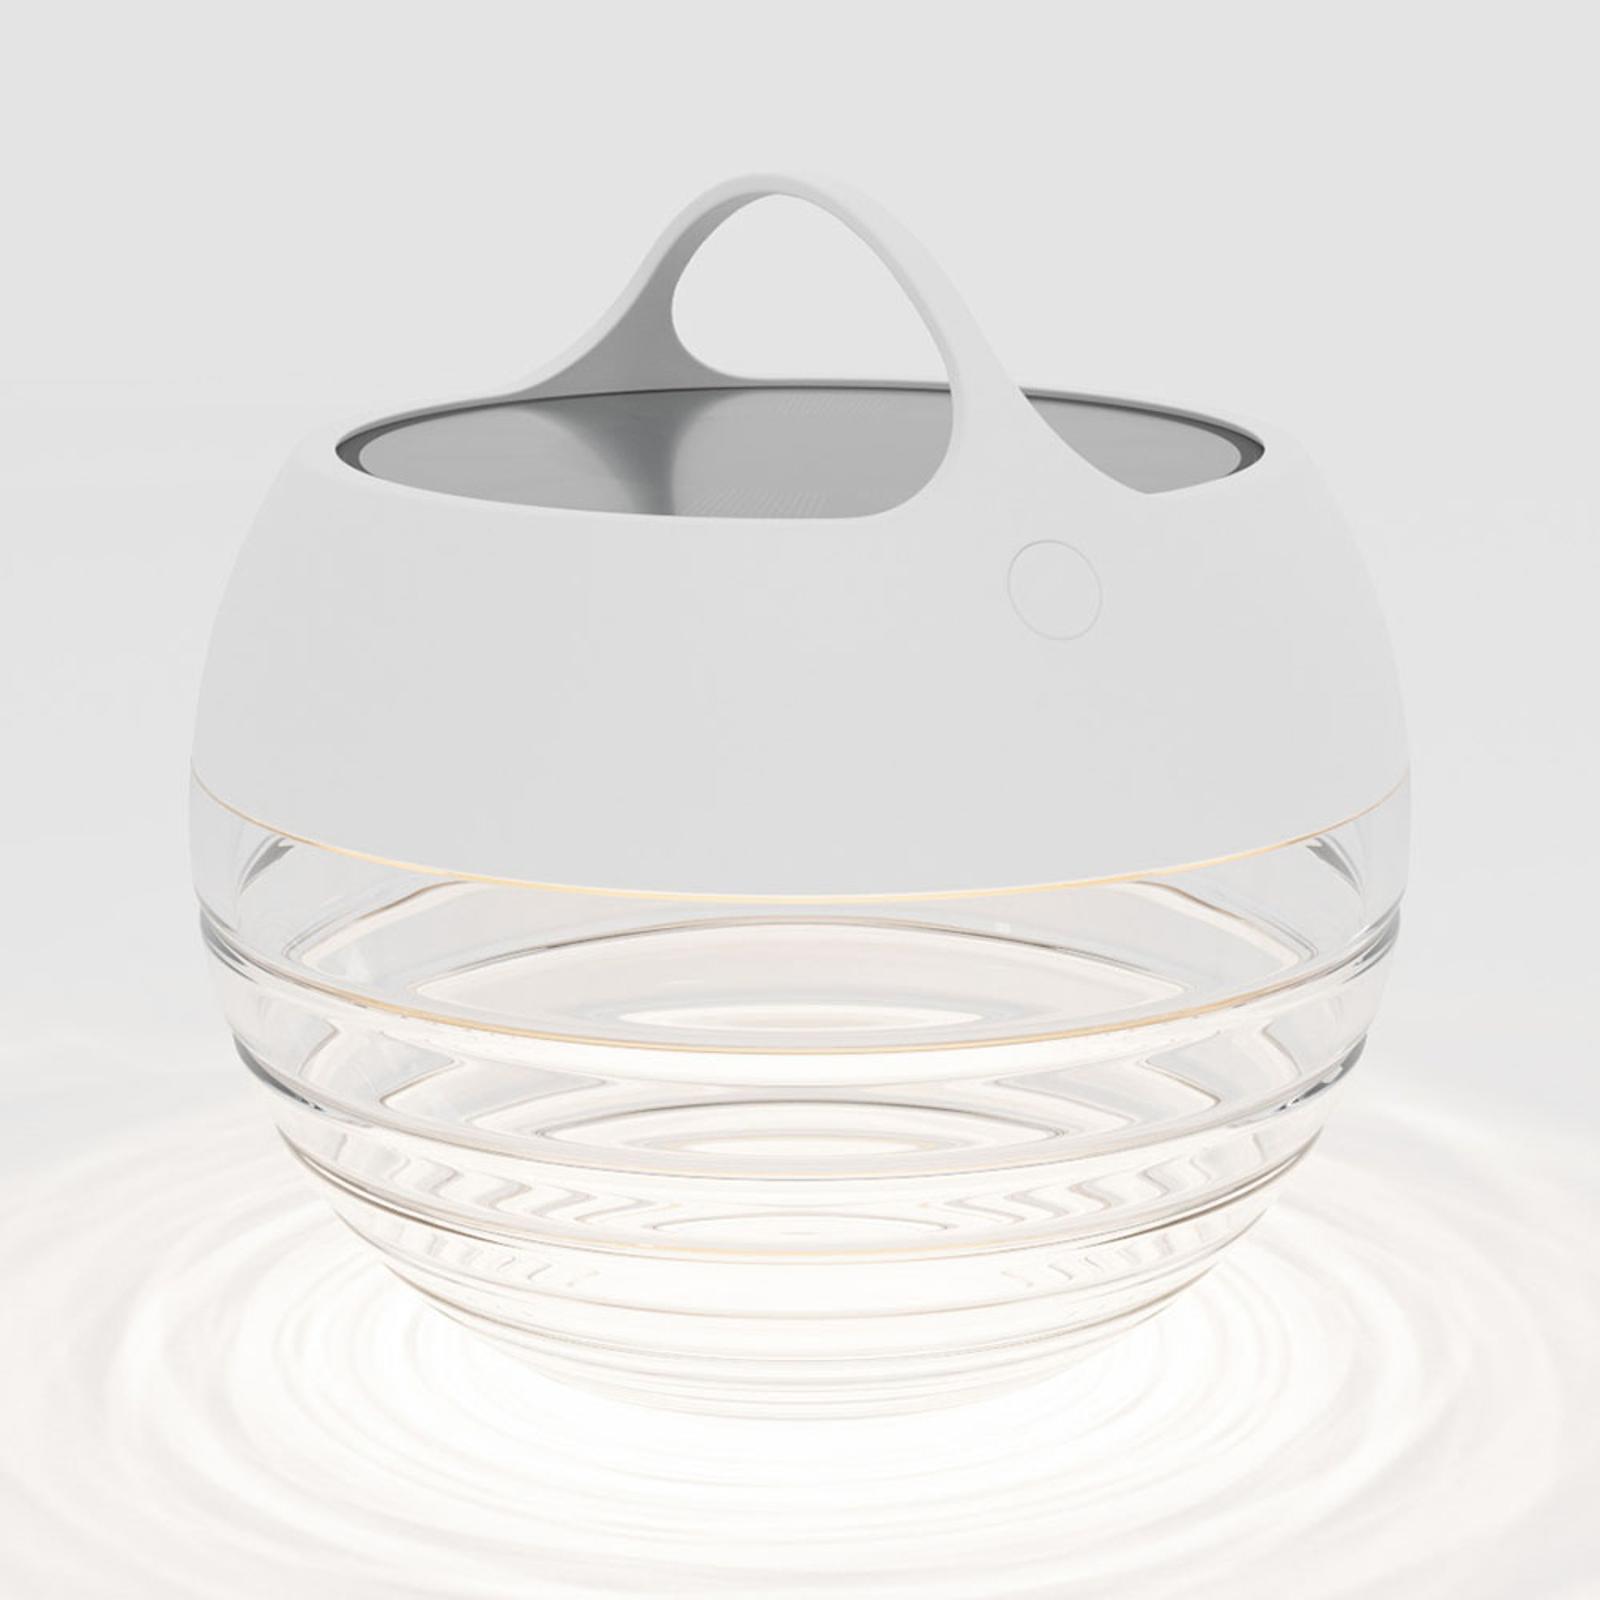 IP44.de aqu S lampa solarna LED, 23 cm biała